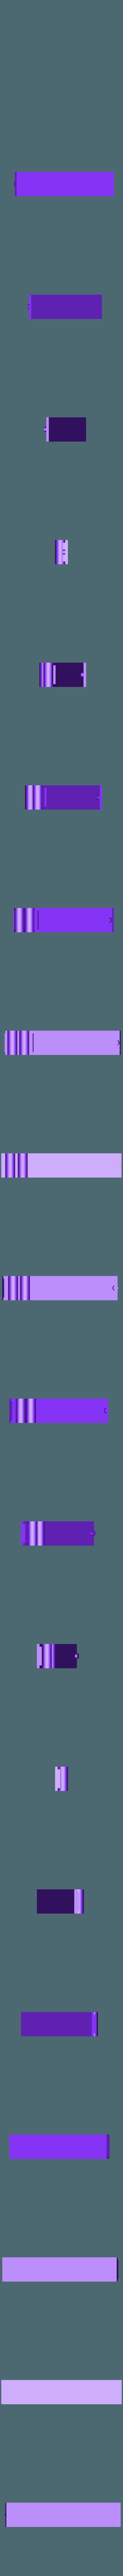 Cargo_Container_Trailer.stl Télécharger fichier STL gratuit Cargo Container Set (Échelle N) • Modèle à imprimer en 3D, MFouillard